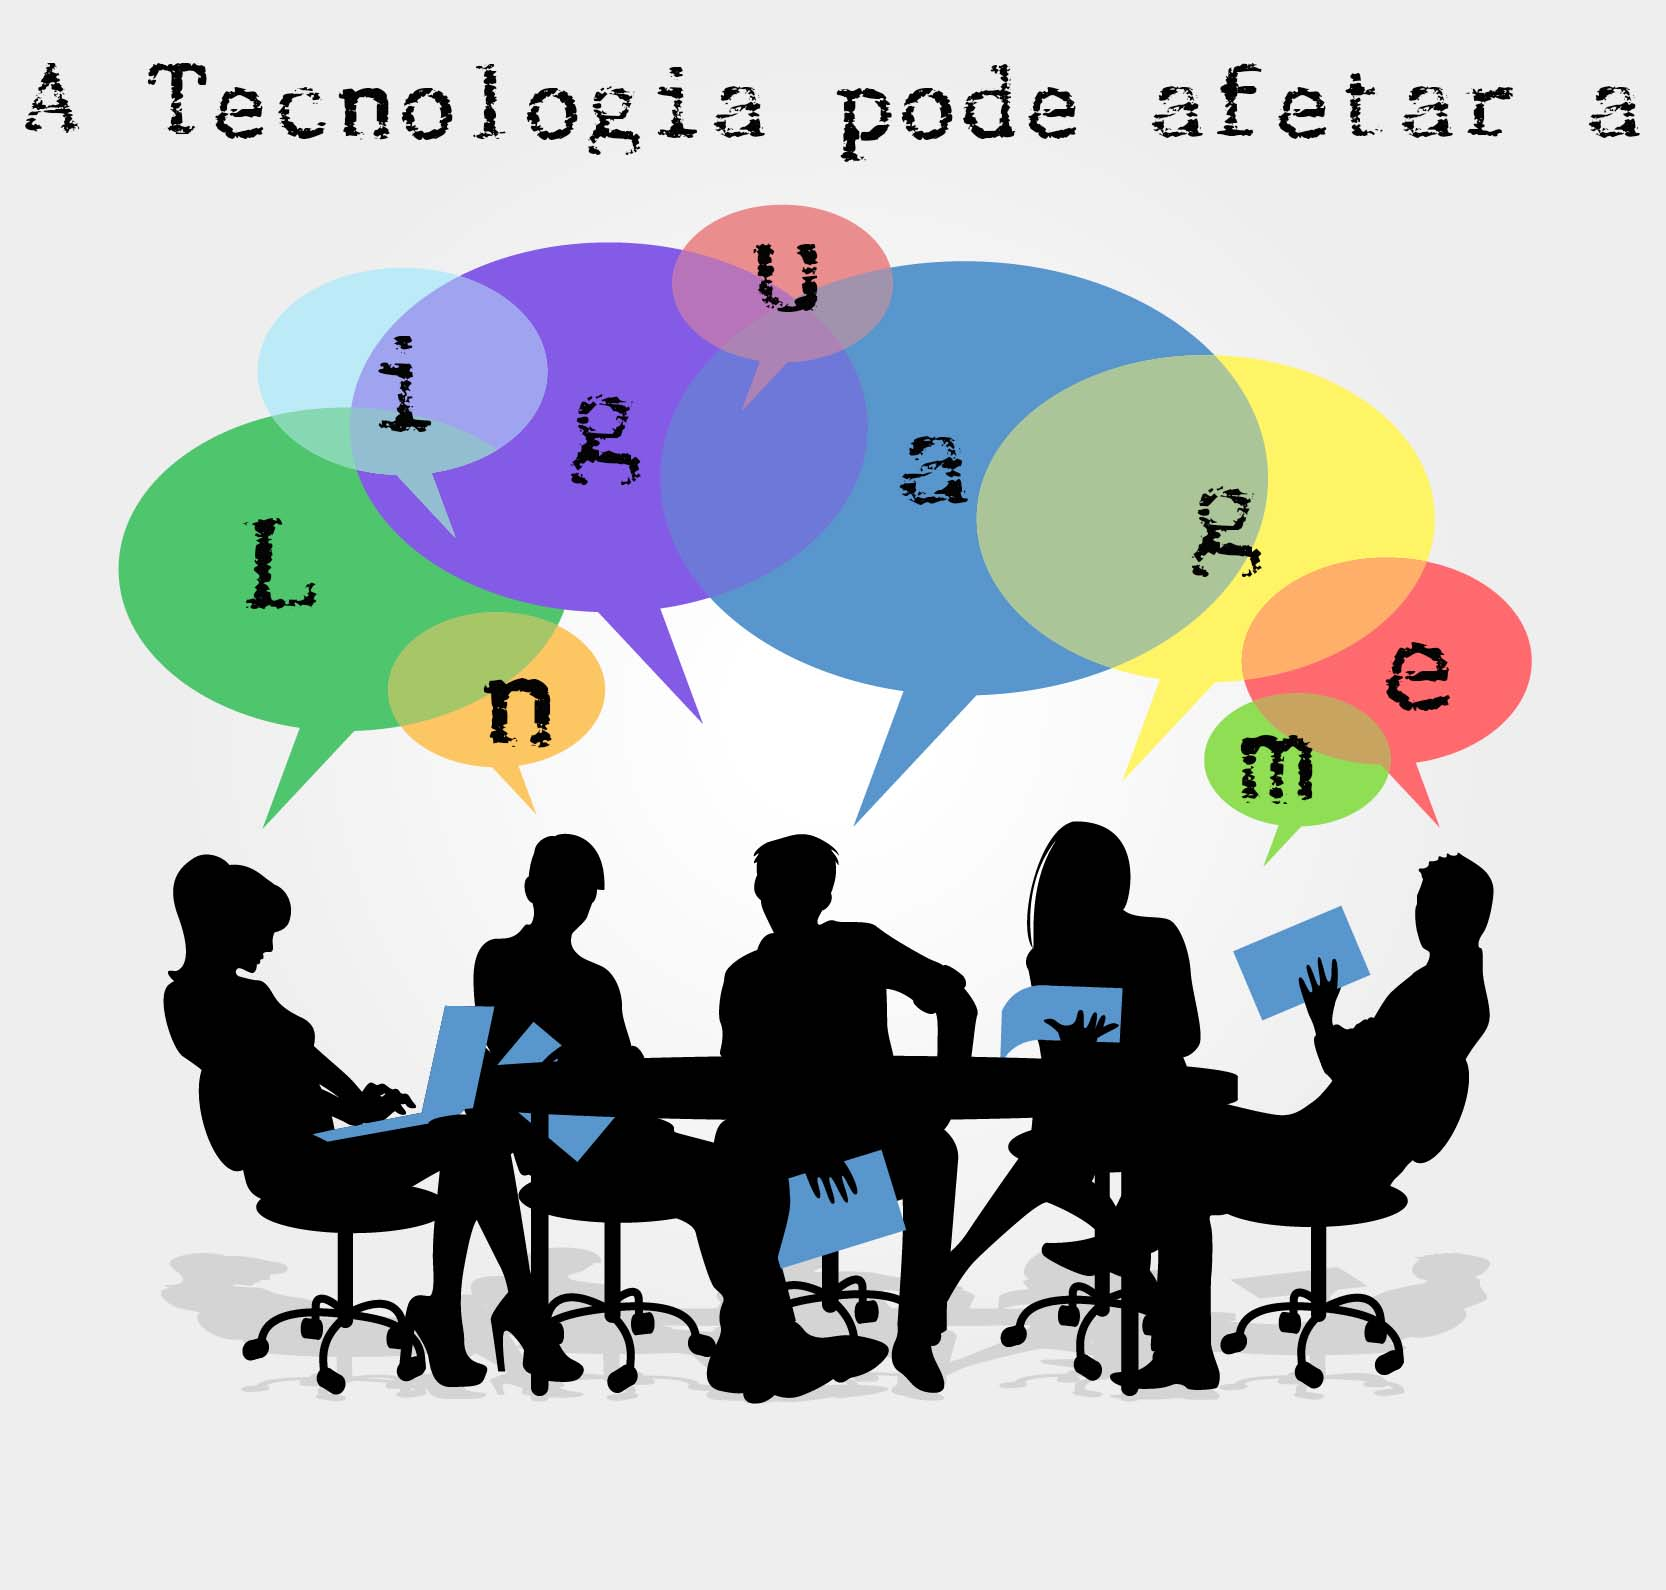 A tecnologia pode afetar a linguagem ao longo do tempo